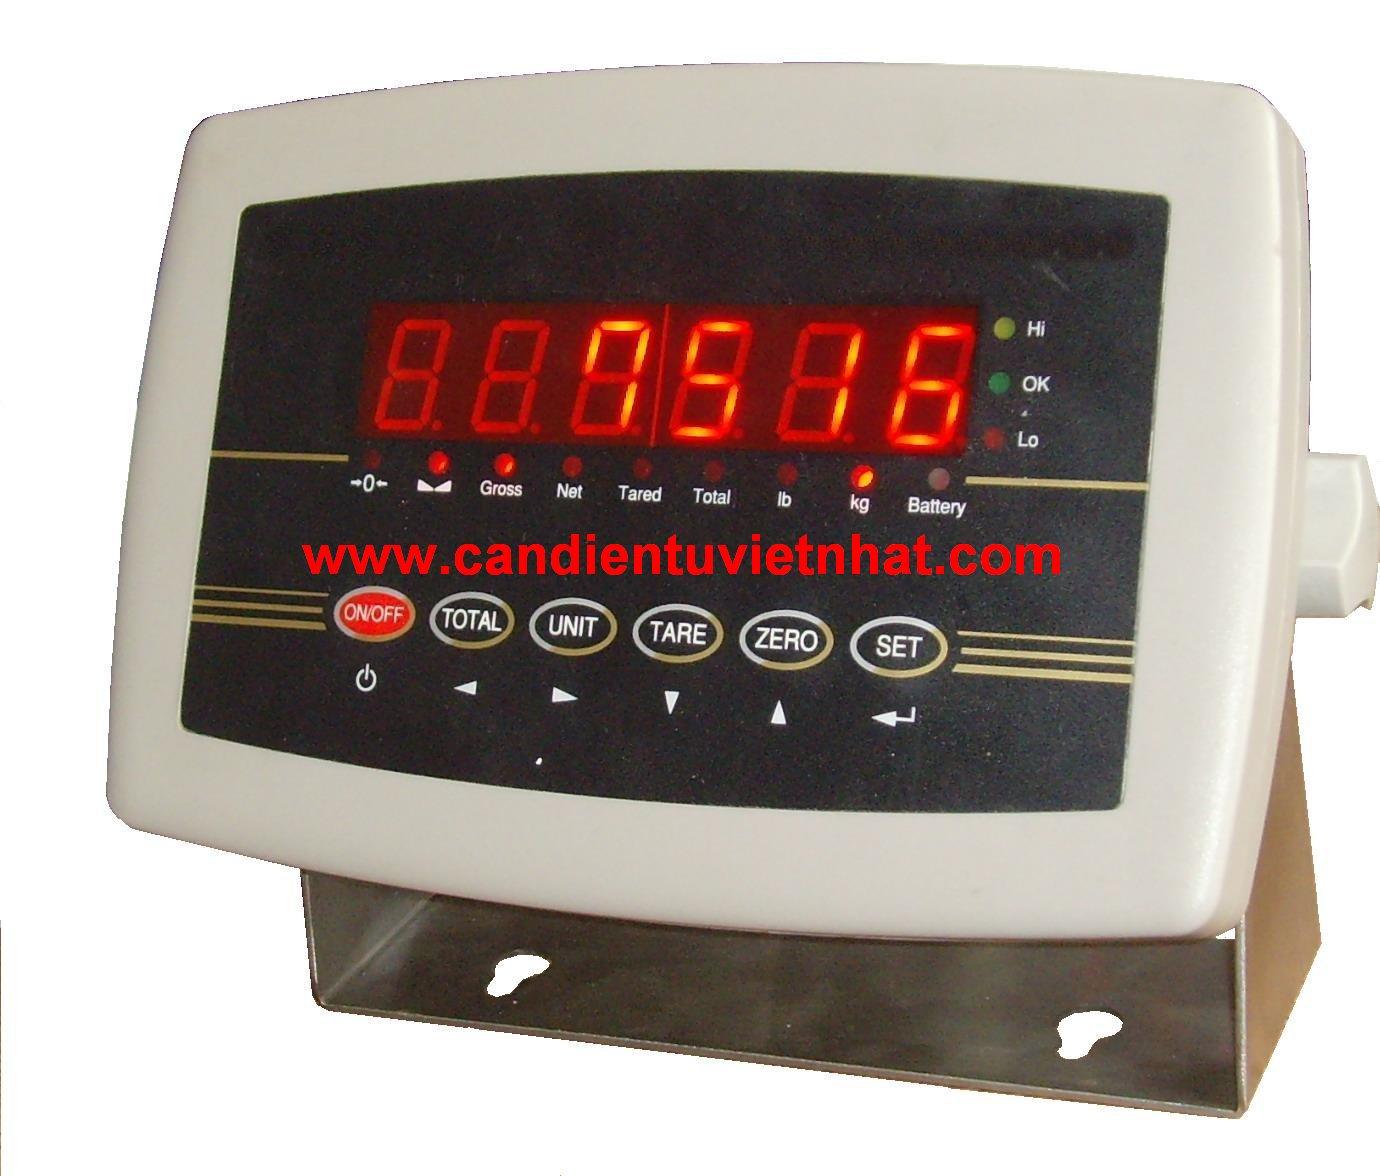 Cân bàn 200kg, Can ban 200kg, dai-can-dien-tu-lp7516_1340243723.JPG